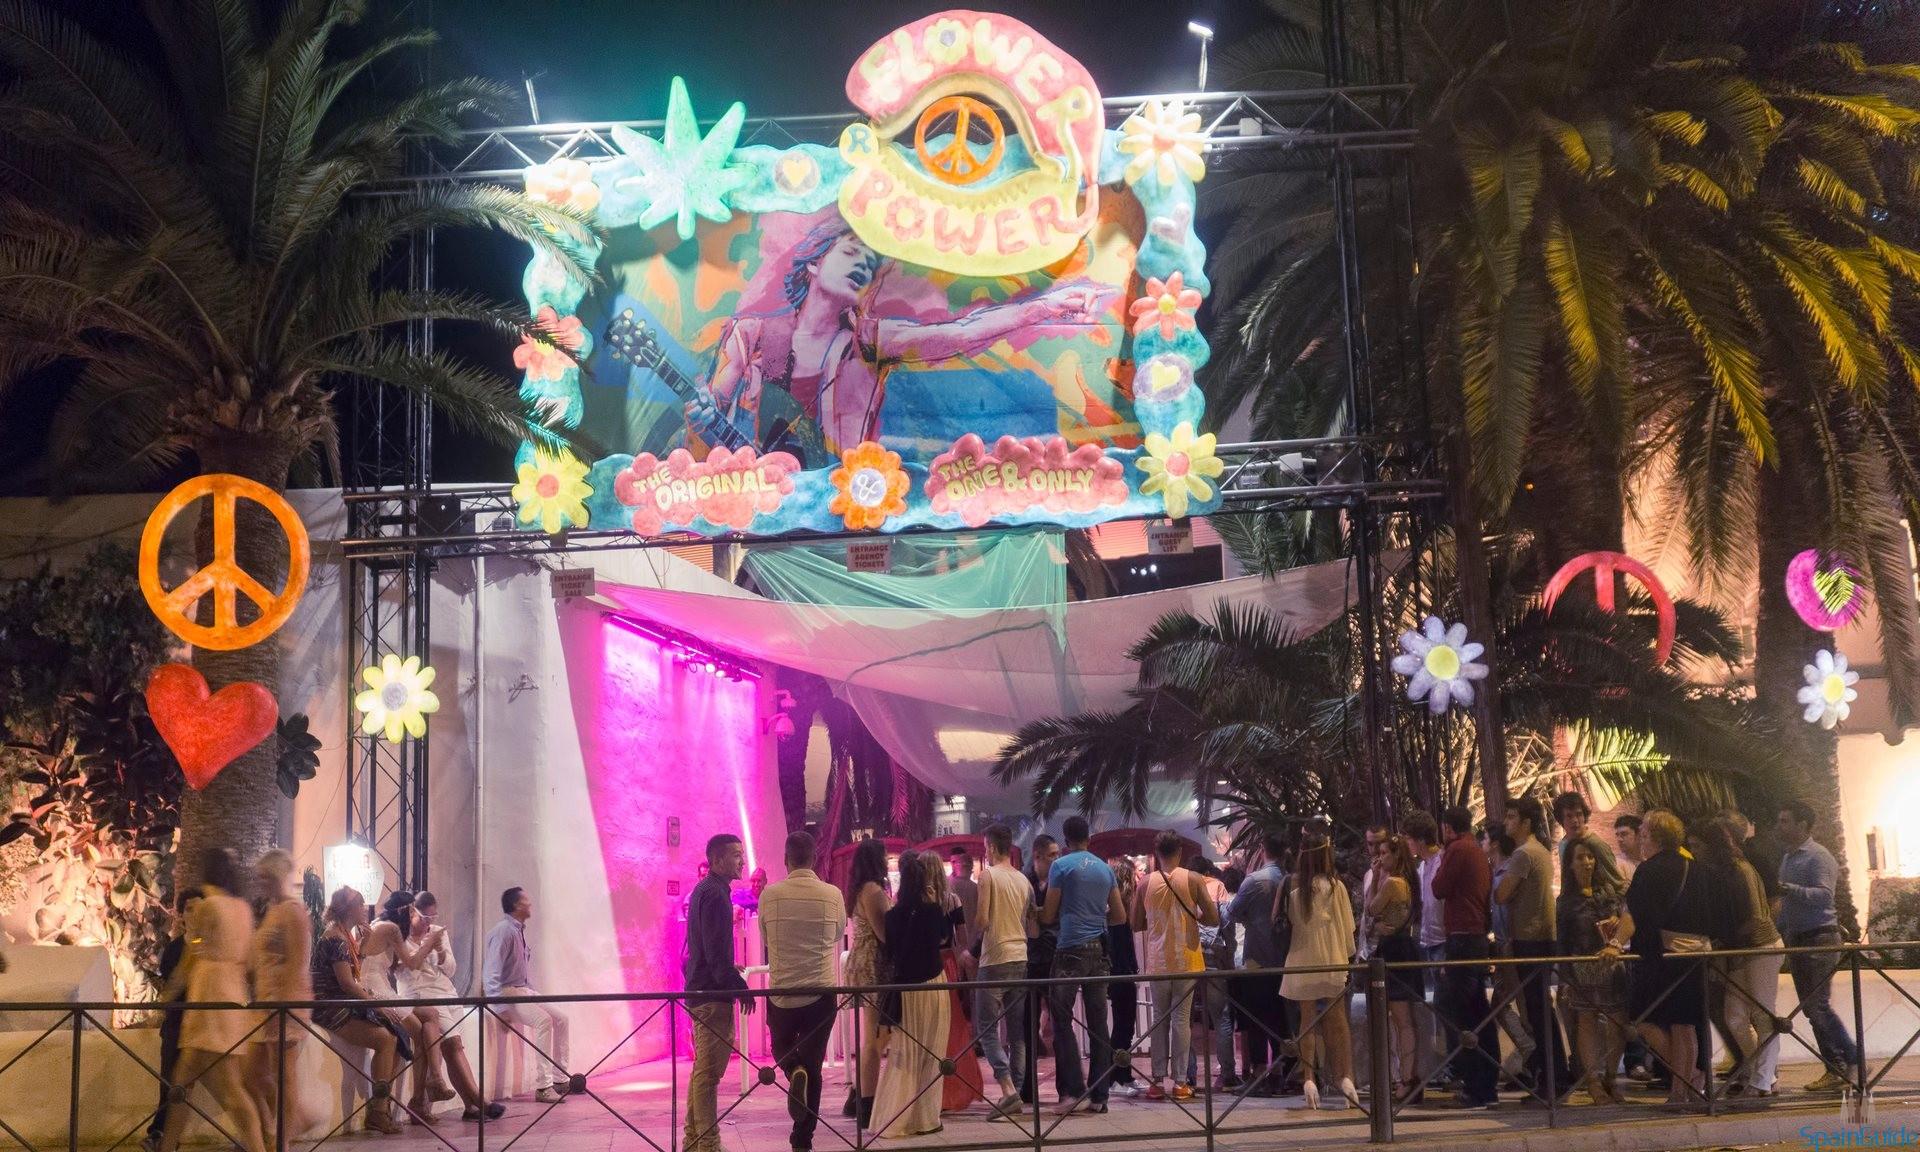 Pacha club Ibiza